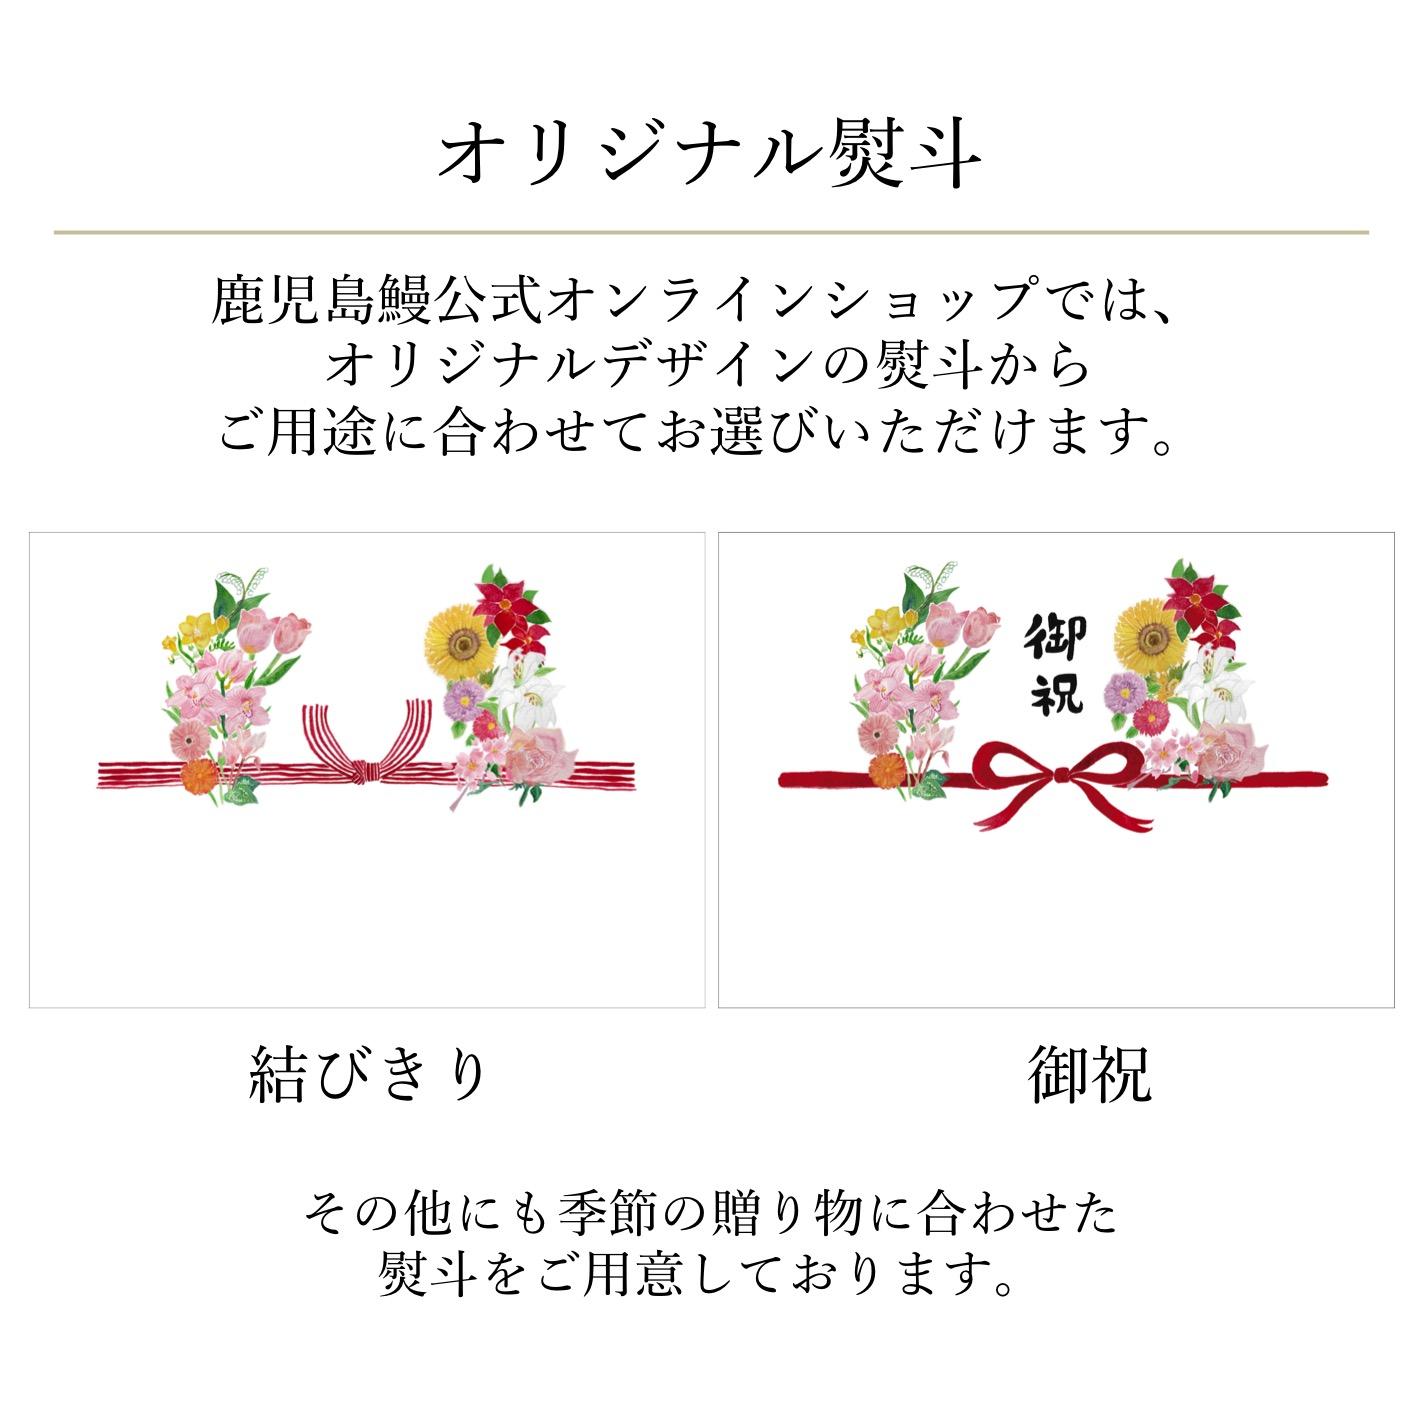 自社養殖場産うなぎ蒲焼き長蒲焼(中)×2、きざみうなぎ×2